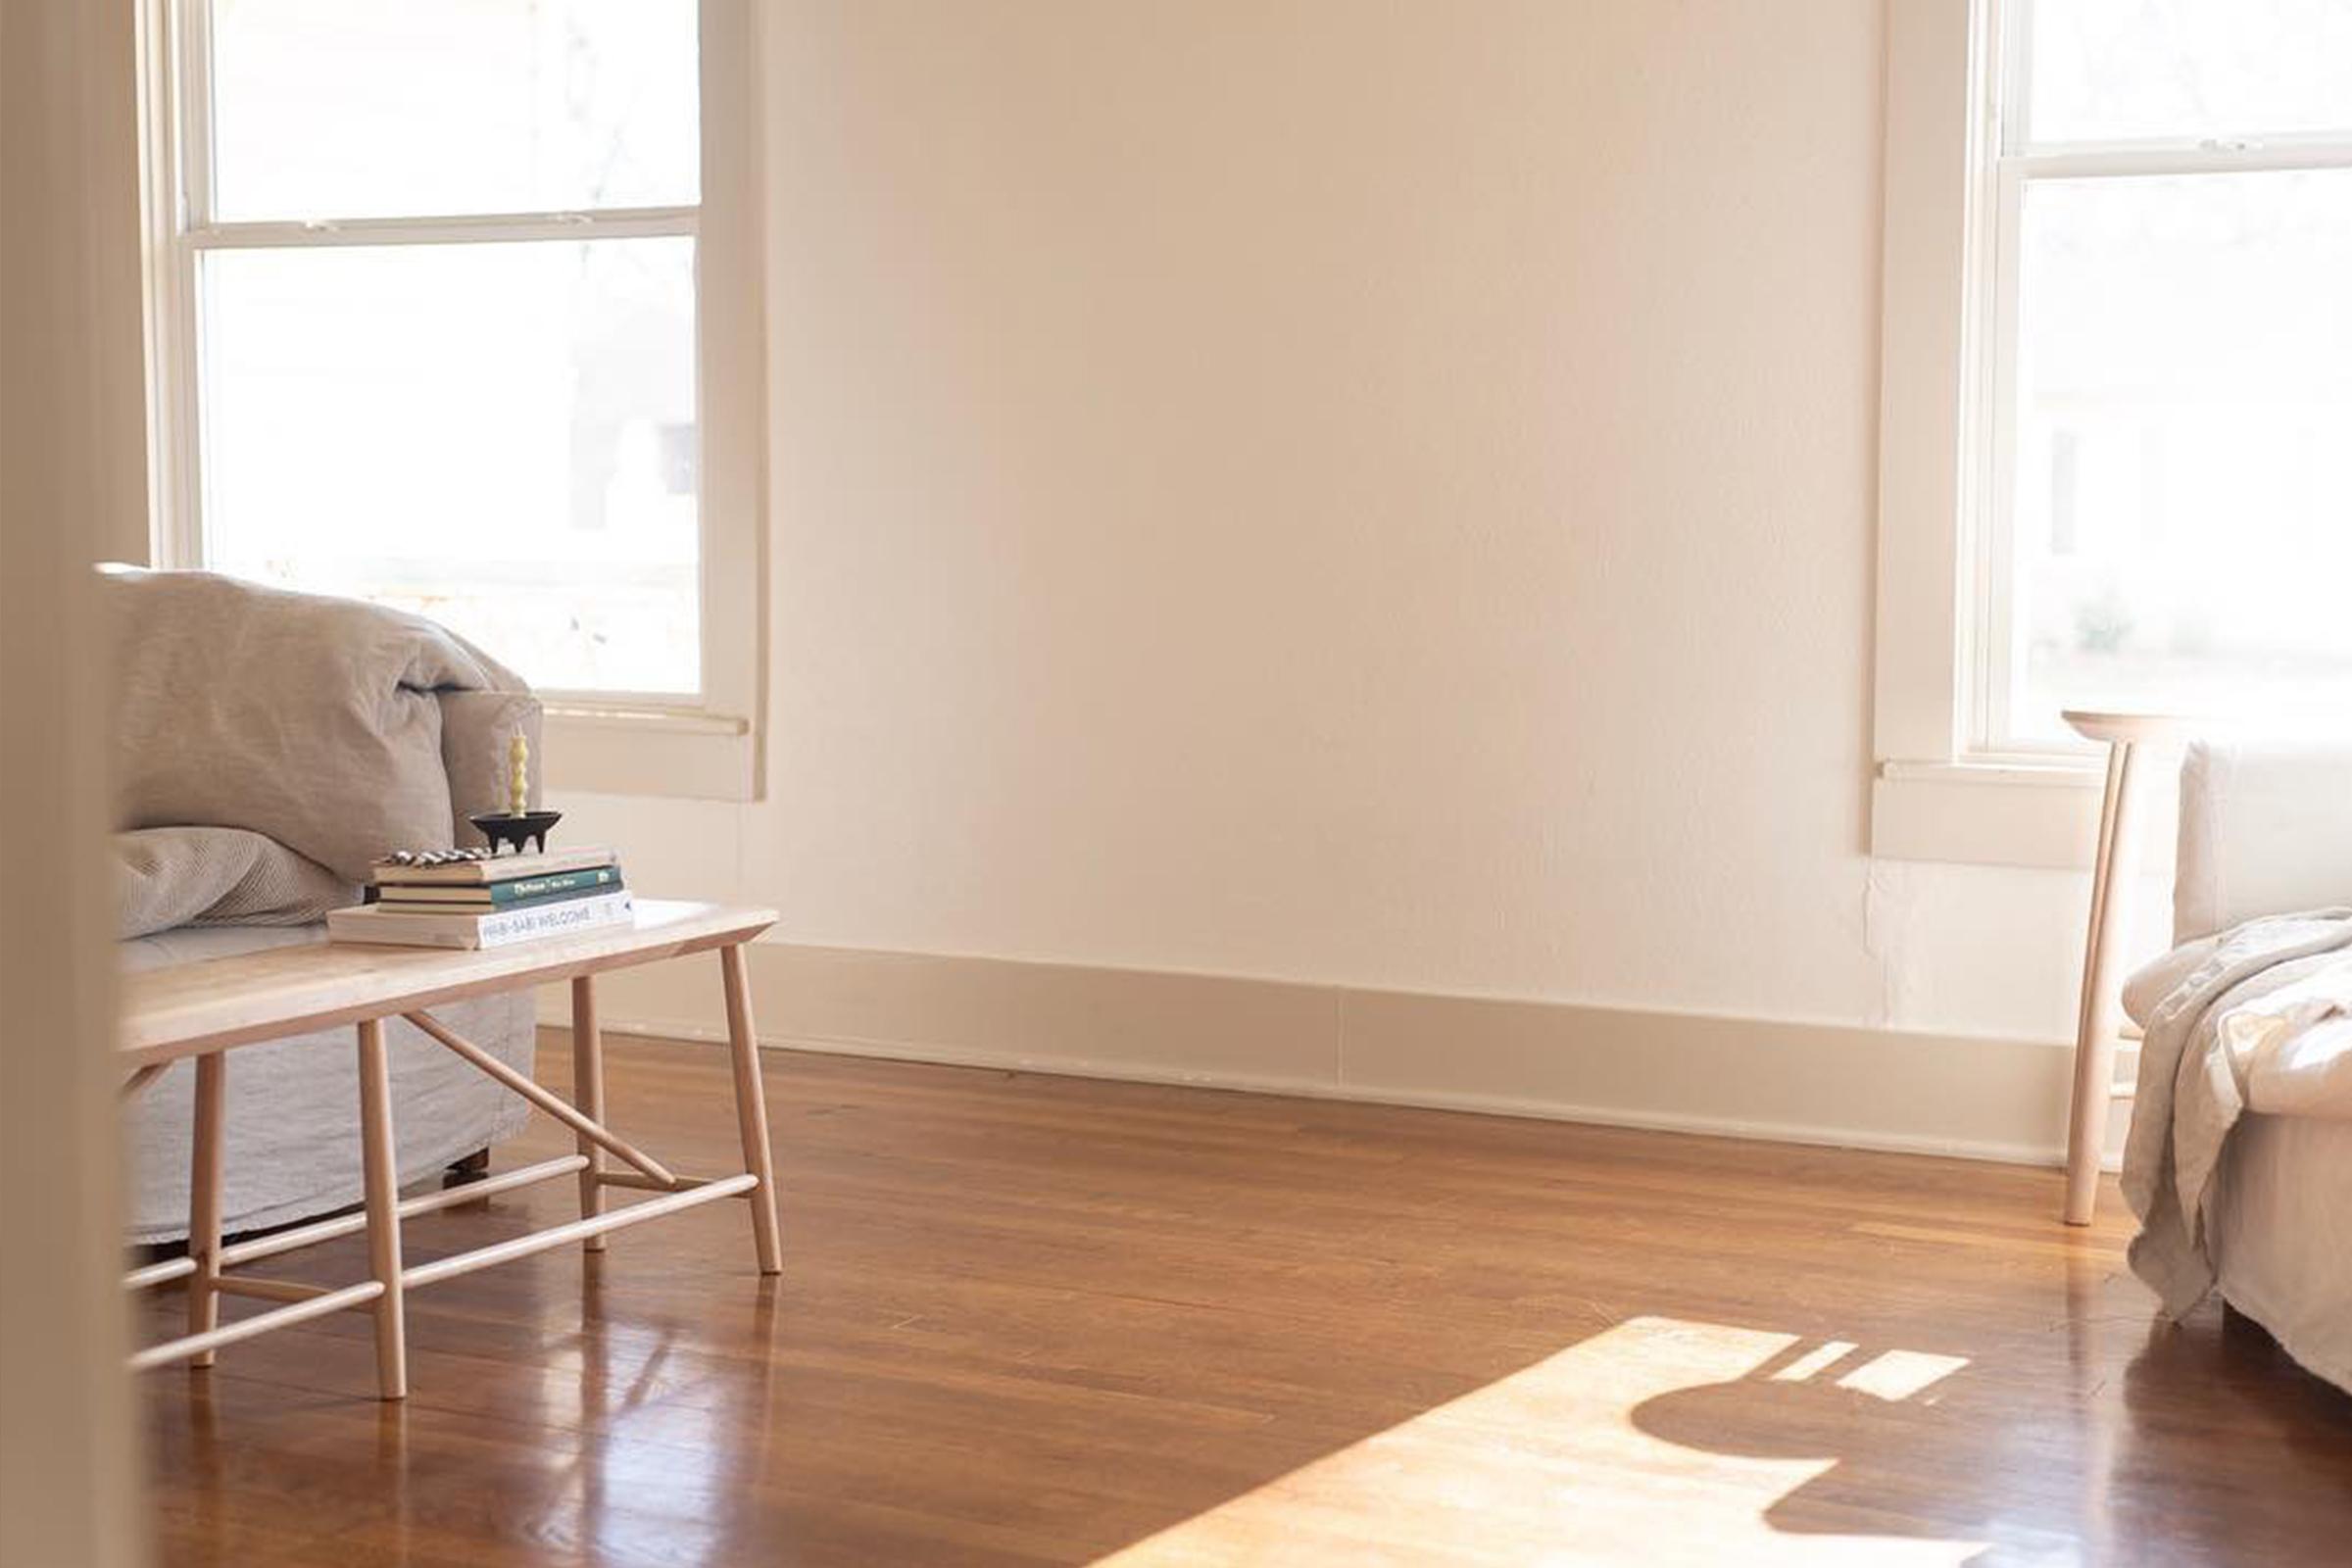 Slow Studio Conversations 001 - Lauren Sauder artist, artist advice, artist ideas, artist studio